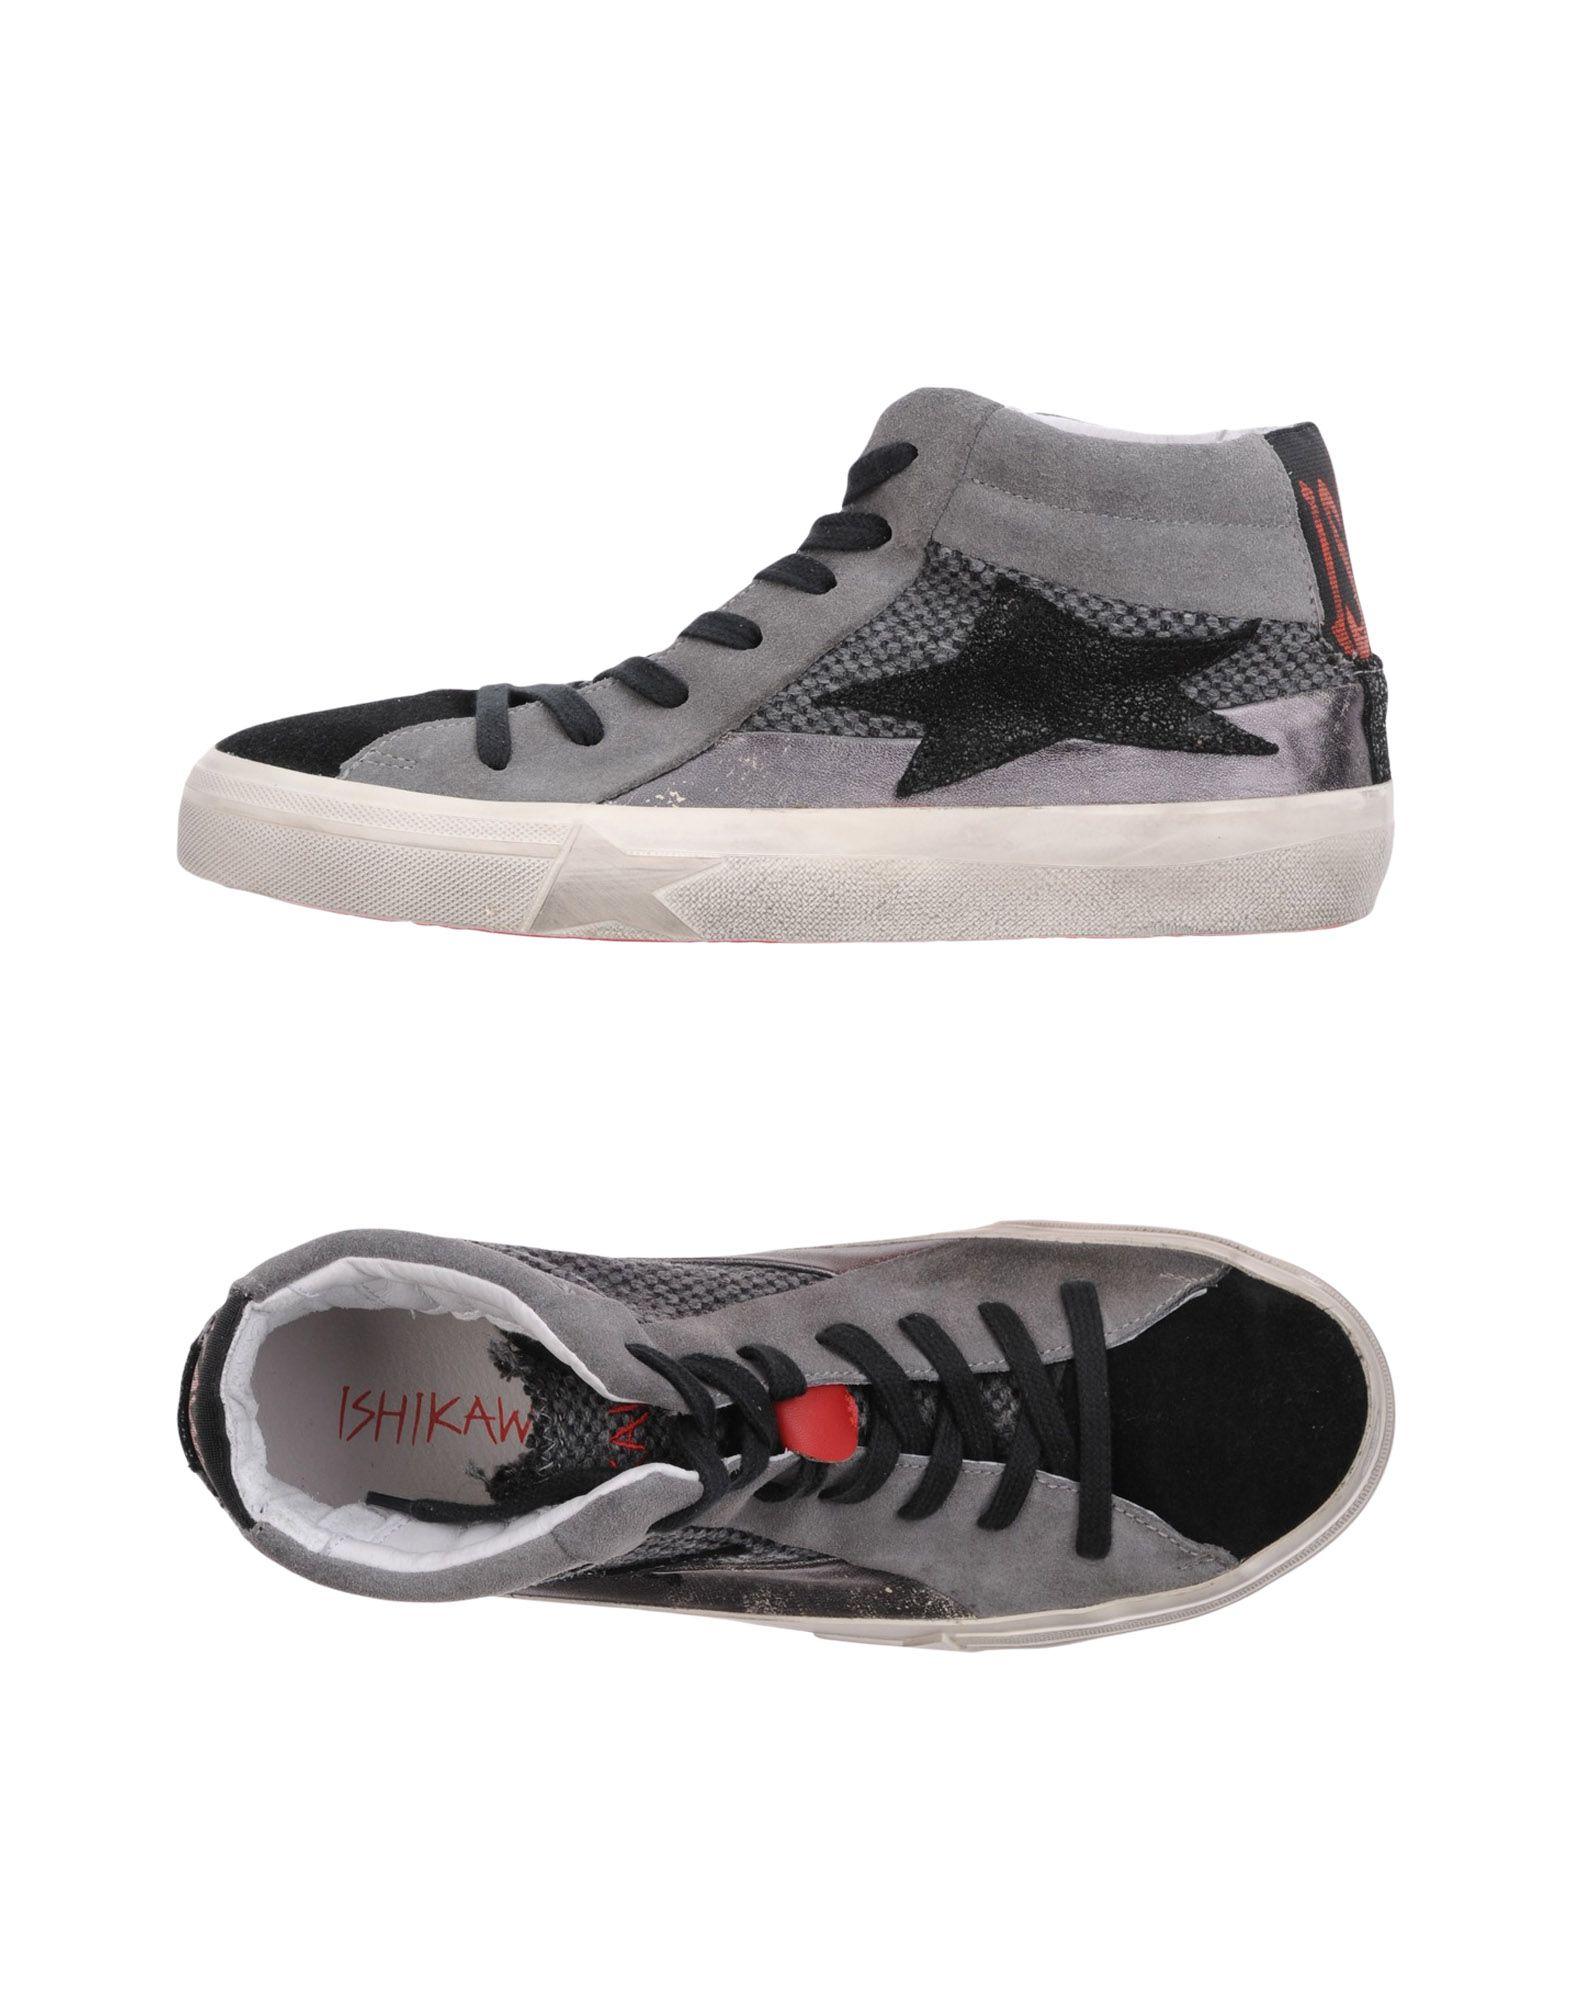 Ishikawa Herren Sneakers Herren Ishikawa  11288331UH Heiße Schuhe 3fdd6c